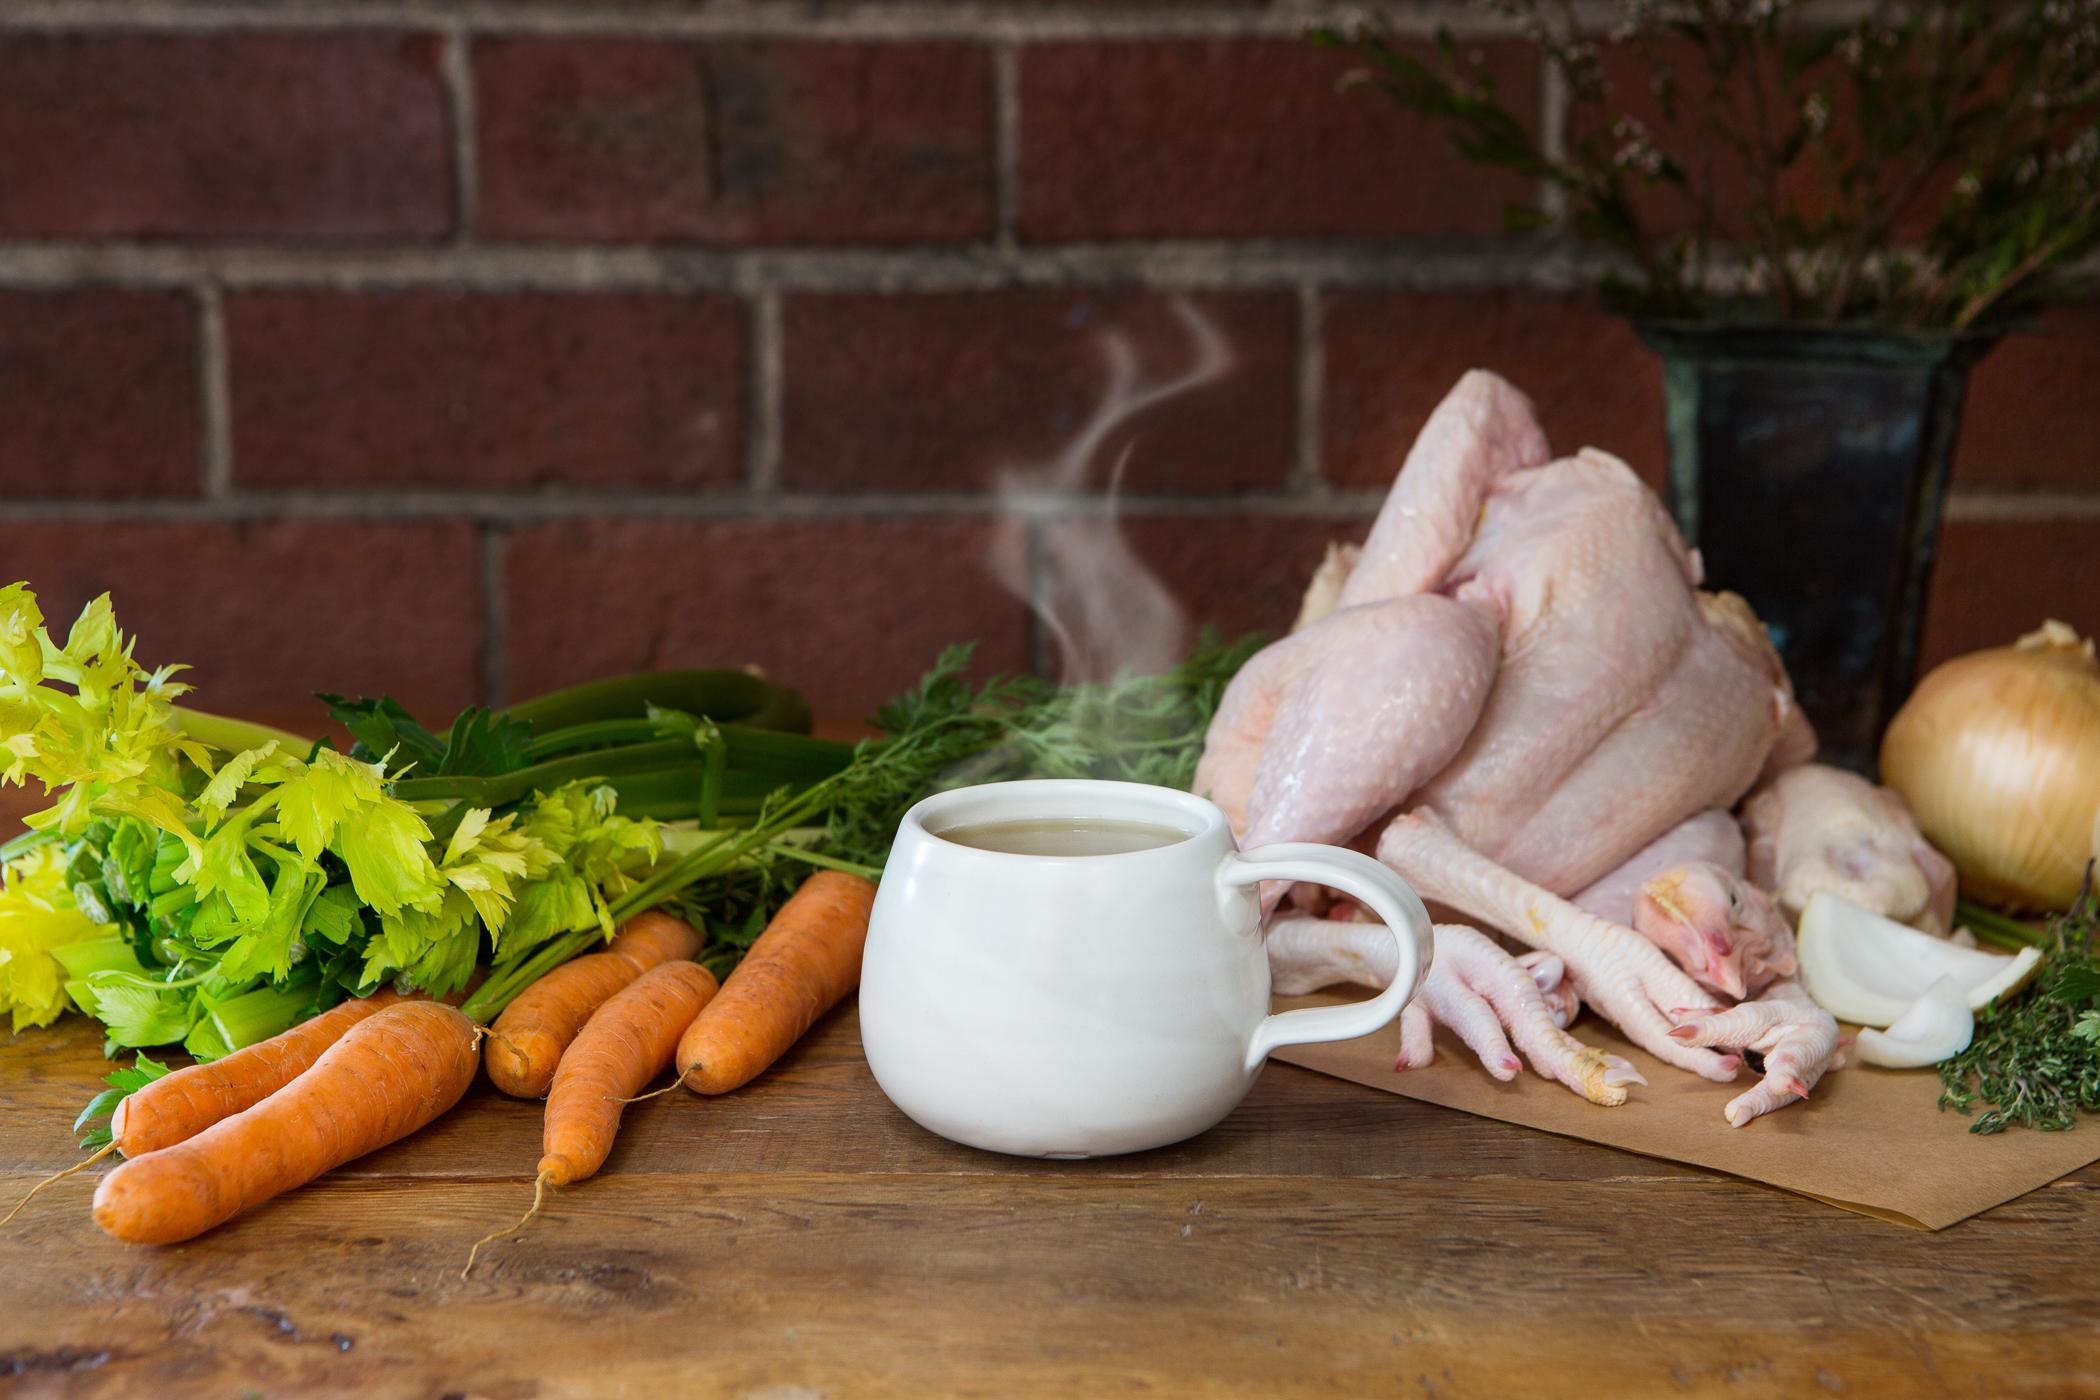 ChickenBroth0190-3b.jpg